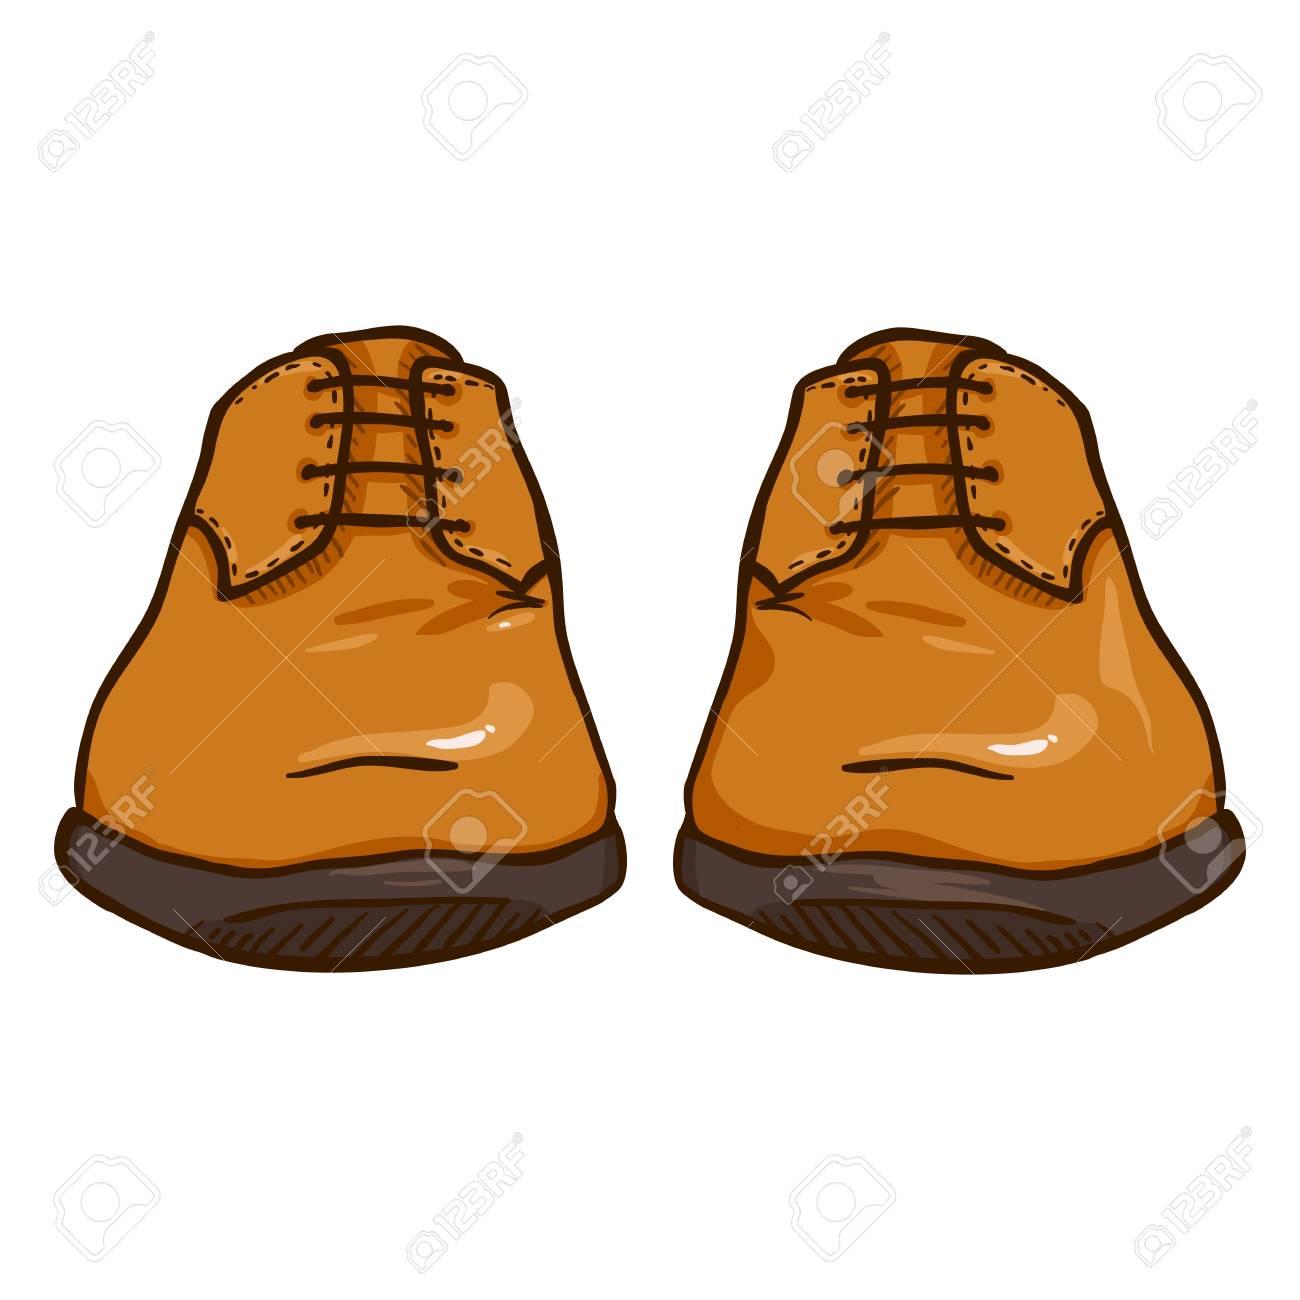 Ilustración de dibujos animados de vectores par de zapatos de hombre de cuero marrón. Vista frontal